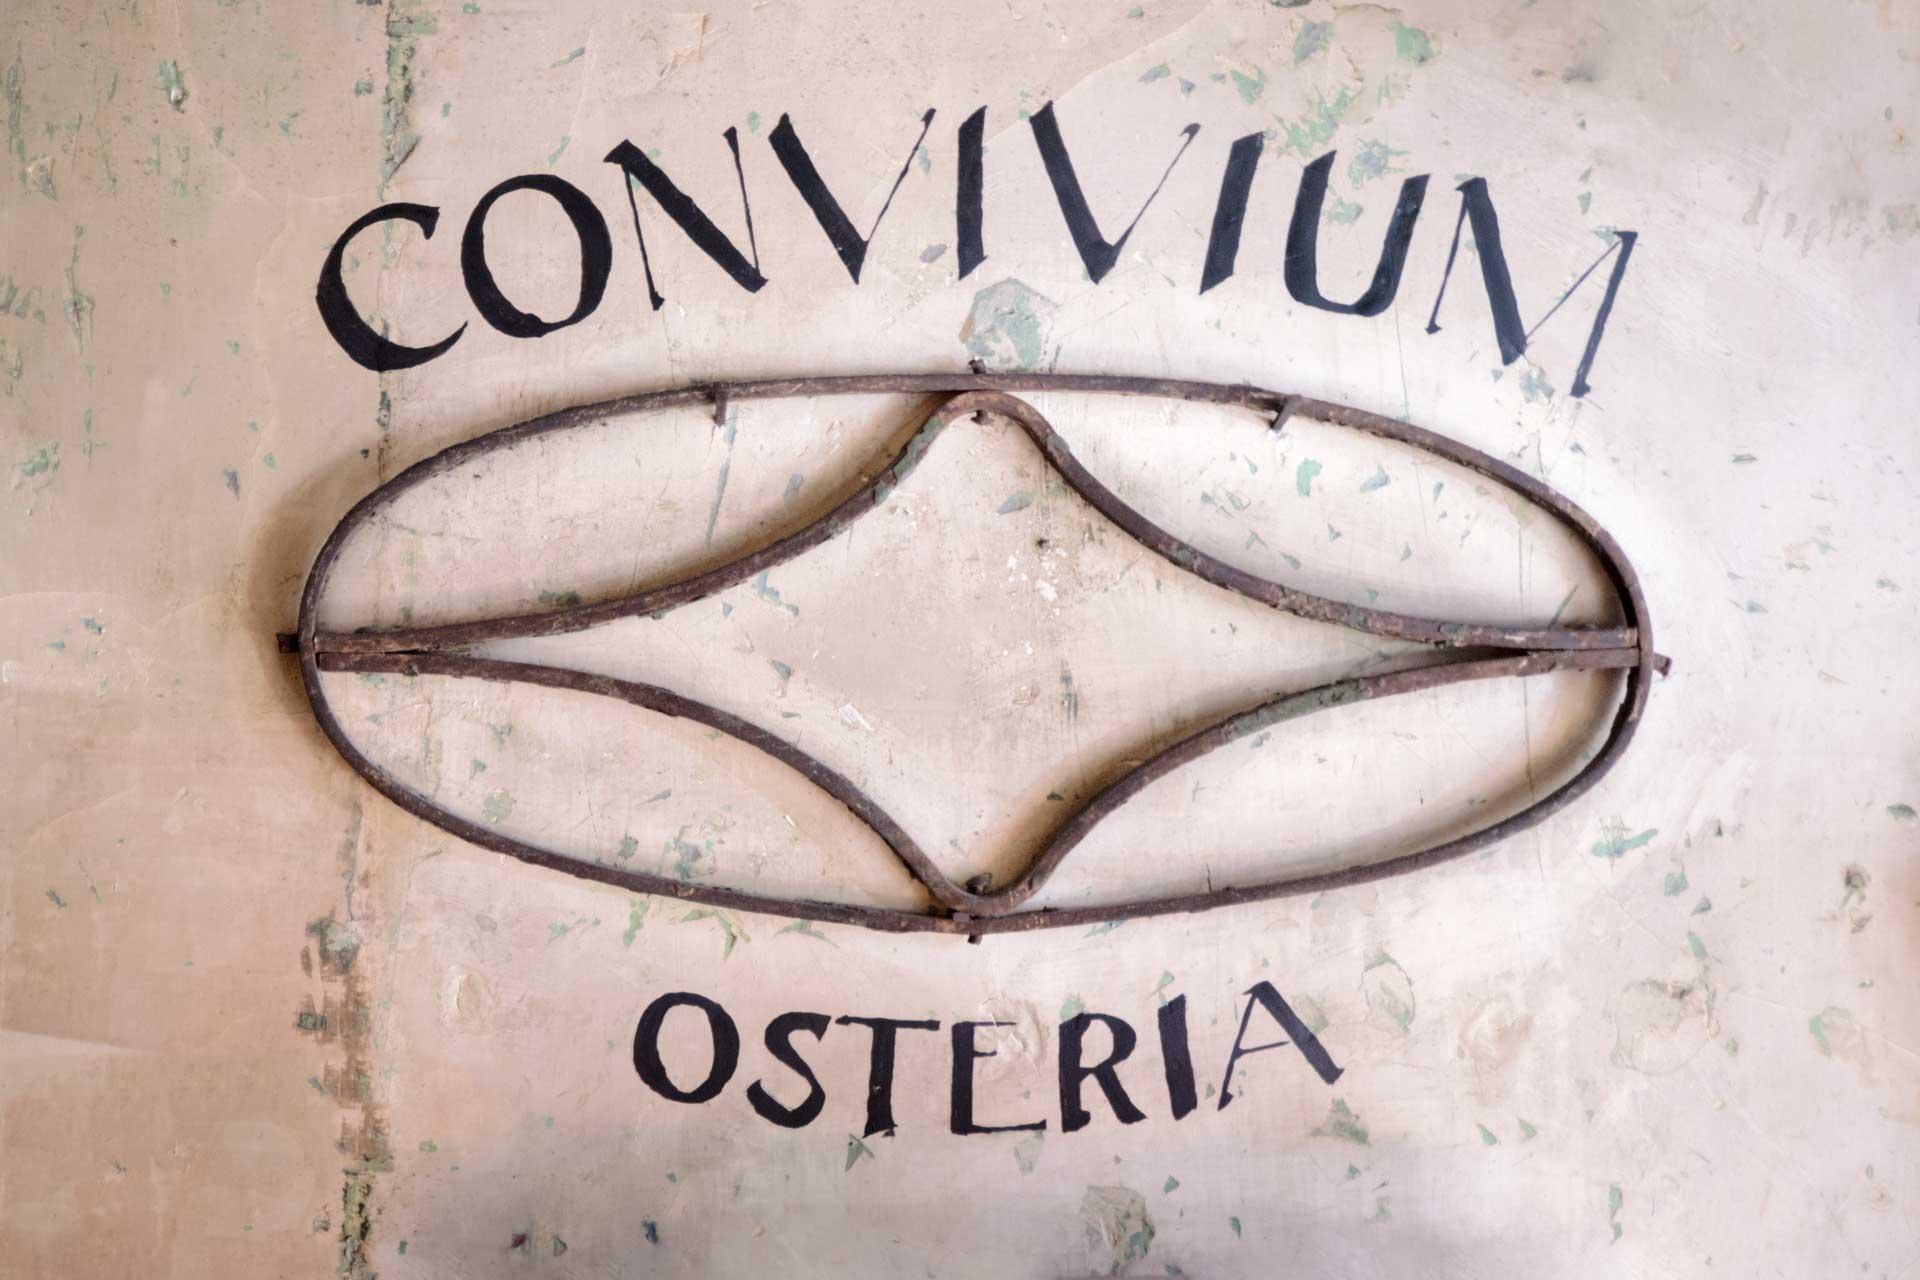 Convivium_Osteria_italian